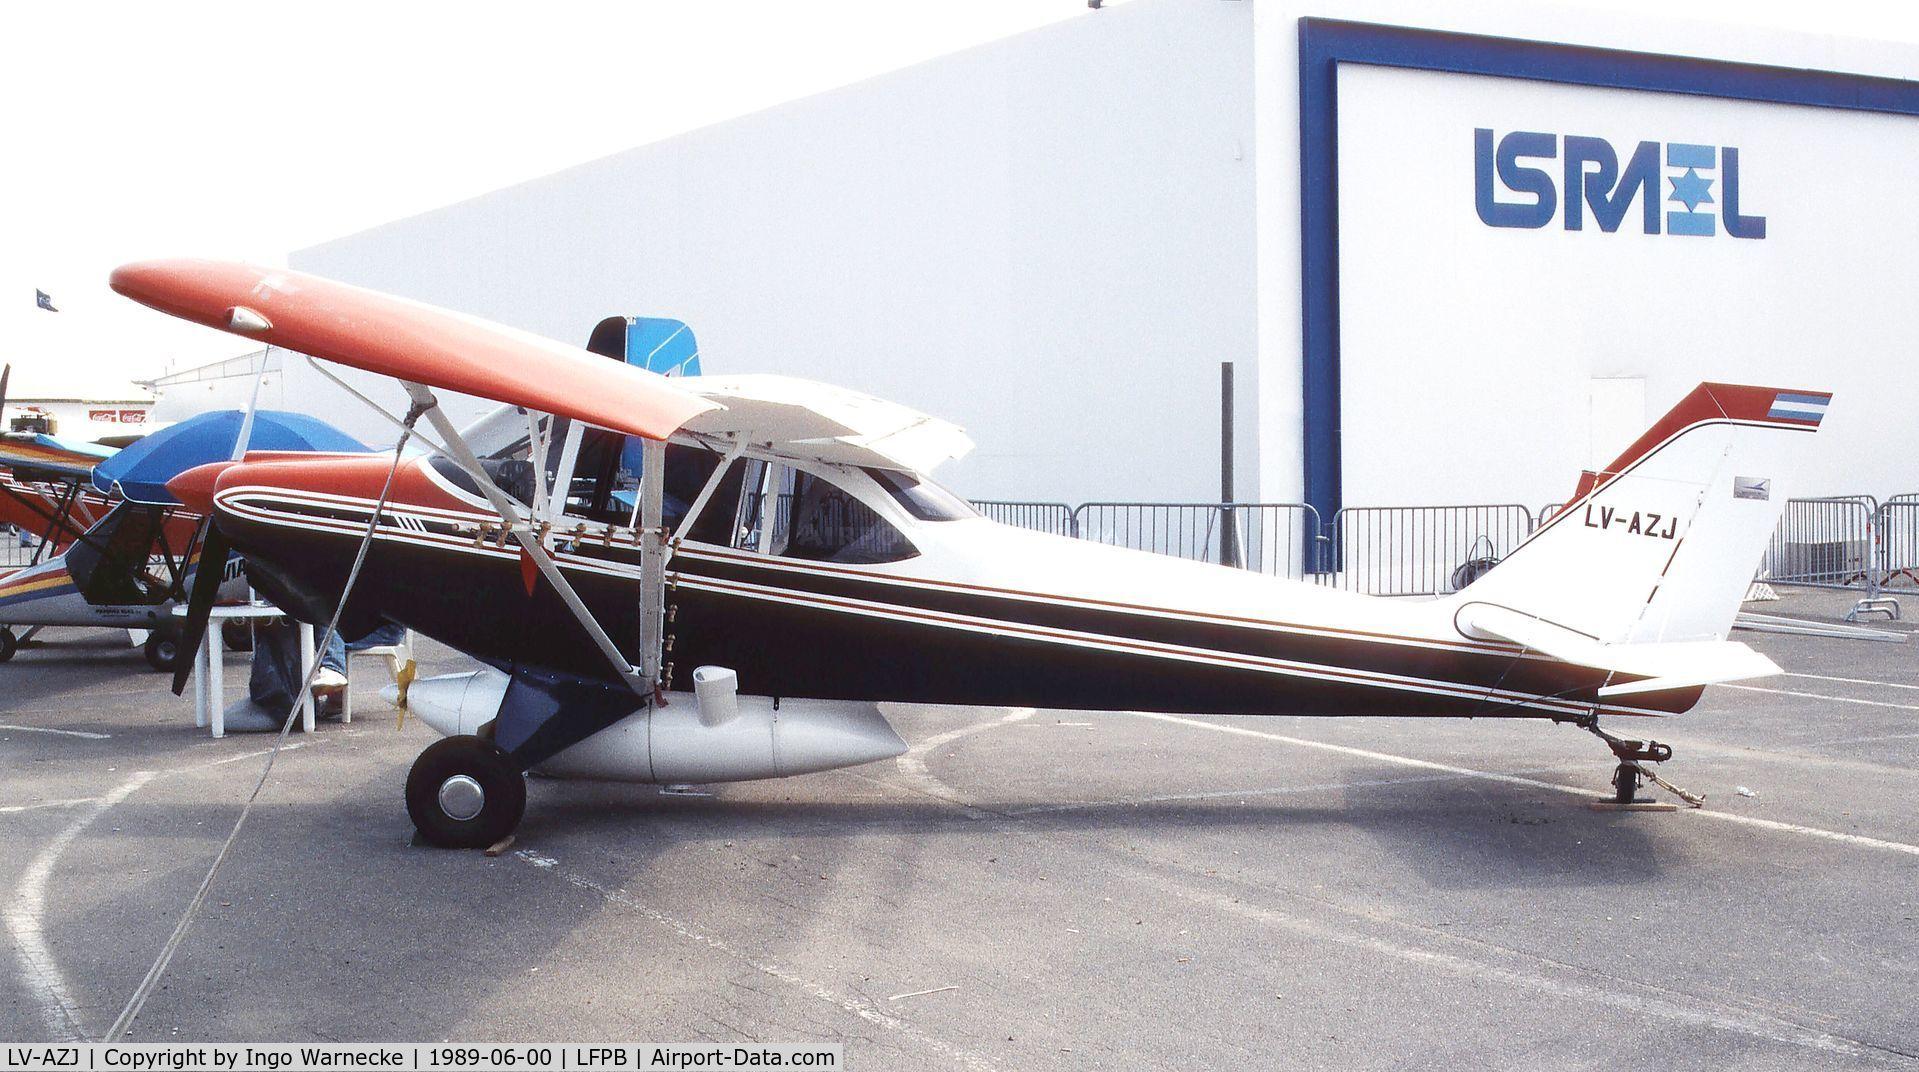 LV-AZJ, 1989 Aero Boero 180 RVR C/N 097B, Aero Boero 180 RVR at the Aerosalon 1989 Paris